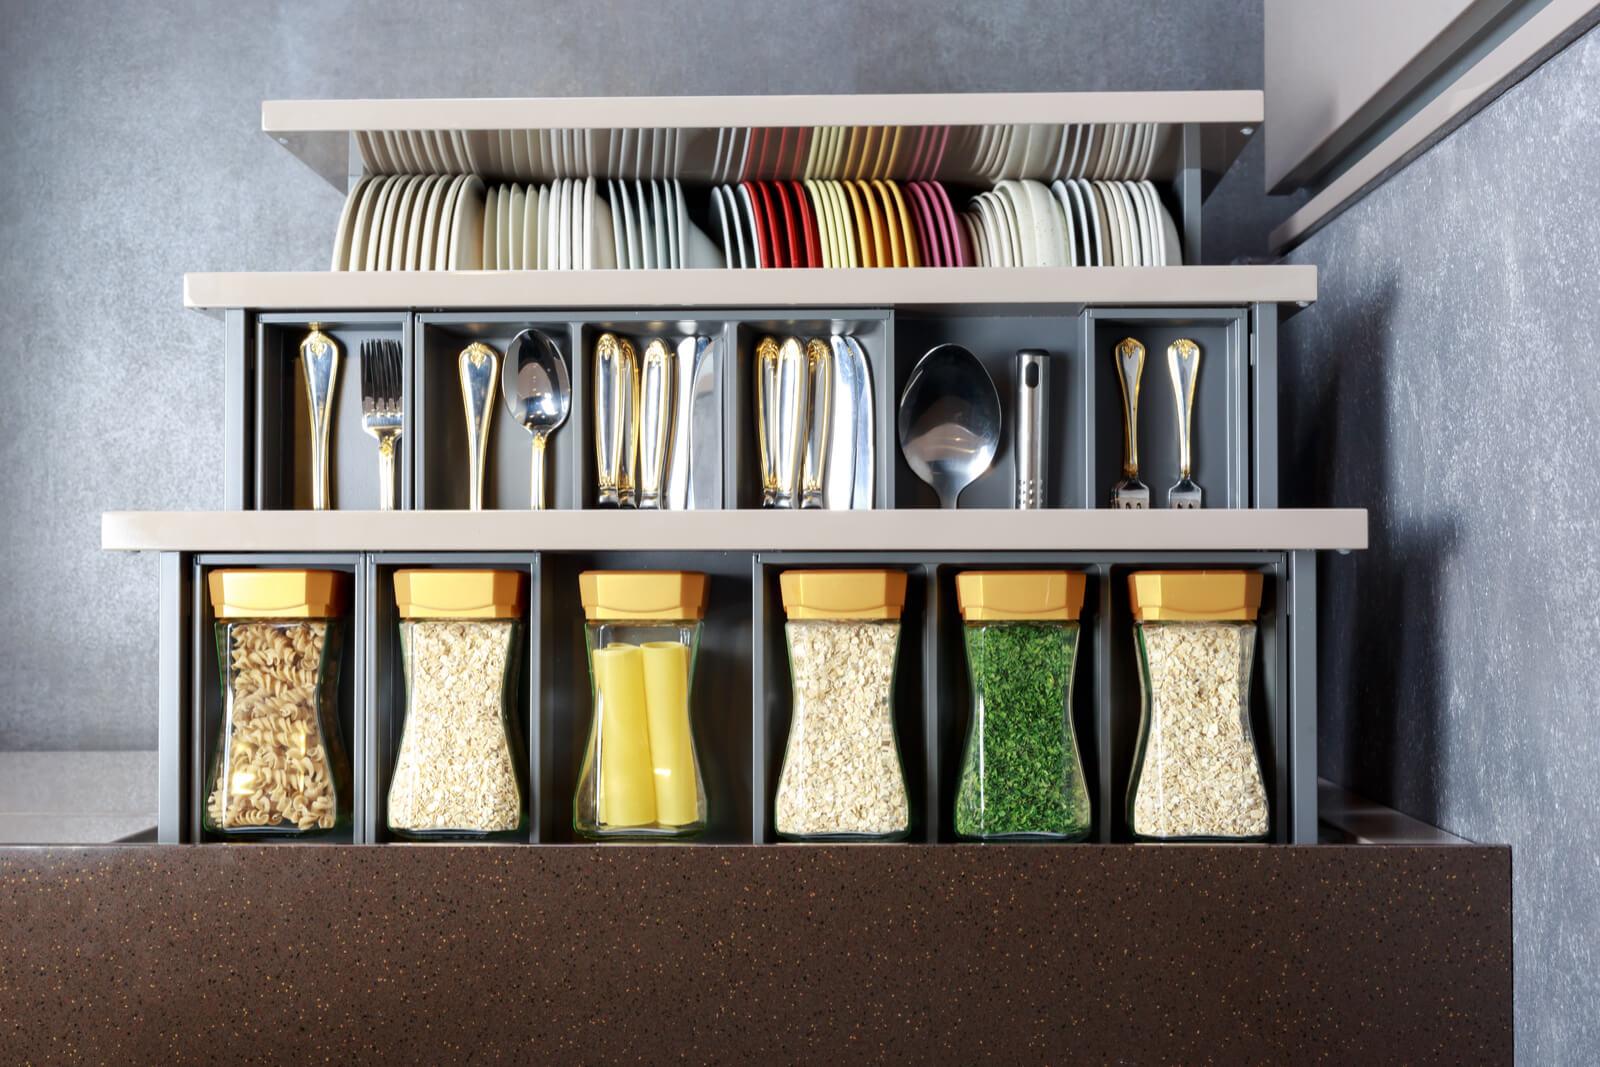 Full Size of Besten Ikea Hacks Fr Ein Personalisiertes Zuhause Holzkche Kche Küche Kosten Miniküche Kaufen Betten Bei Sofa Mit Schlaffunktion 160x200 Küchen Regal Wohnzimmer Ikea Küchen Hacks